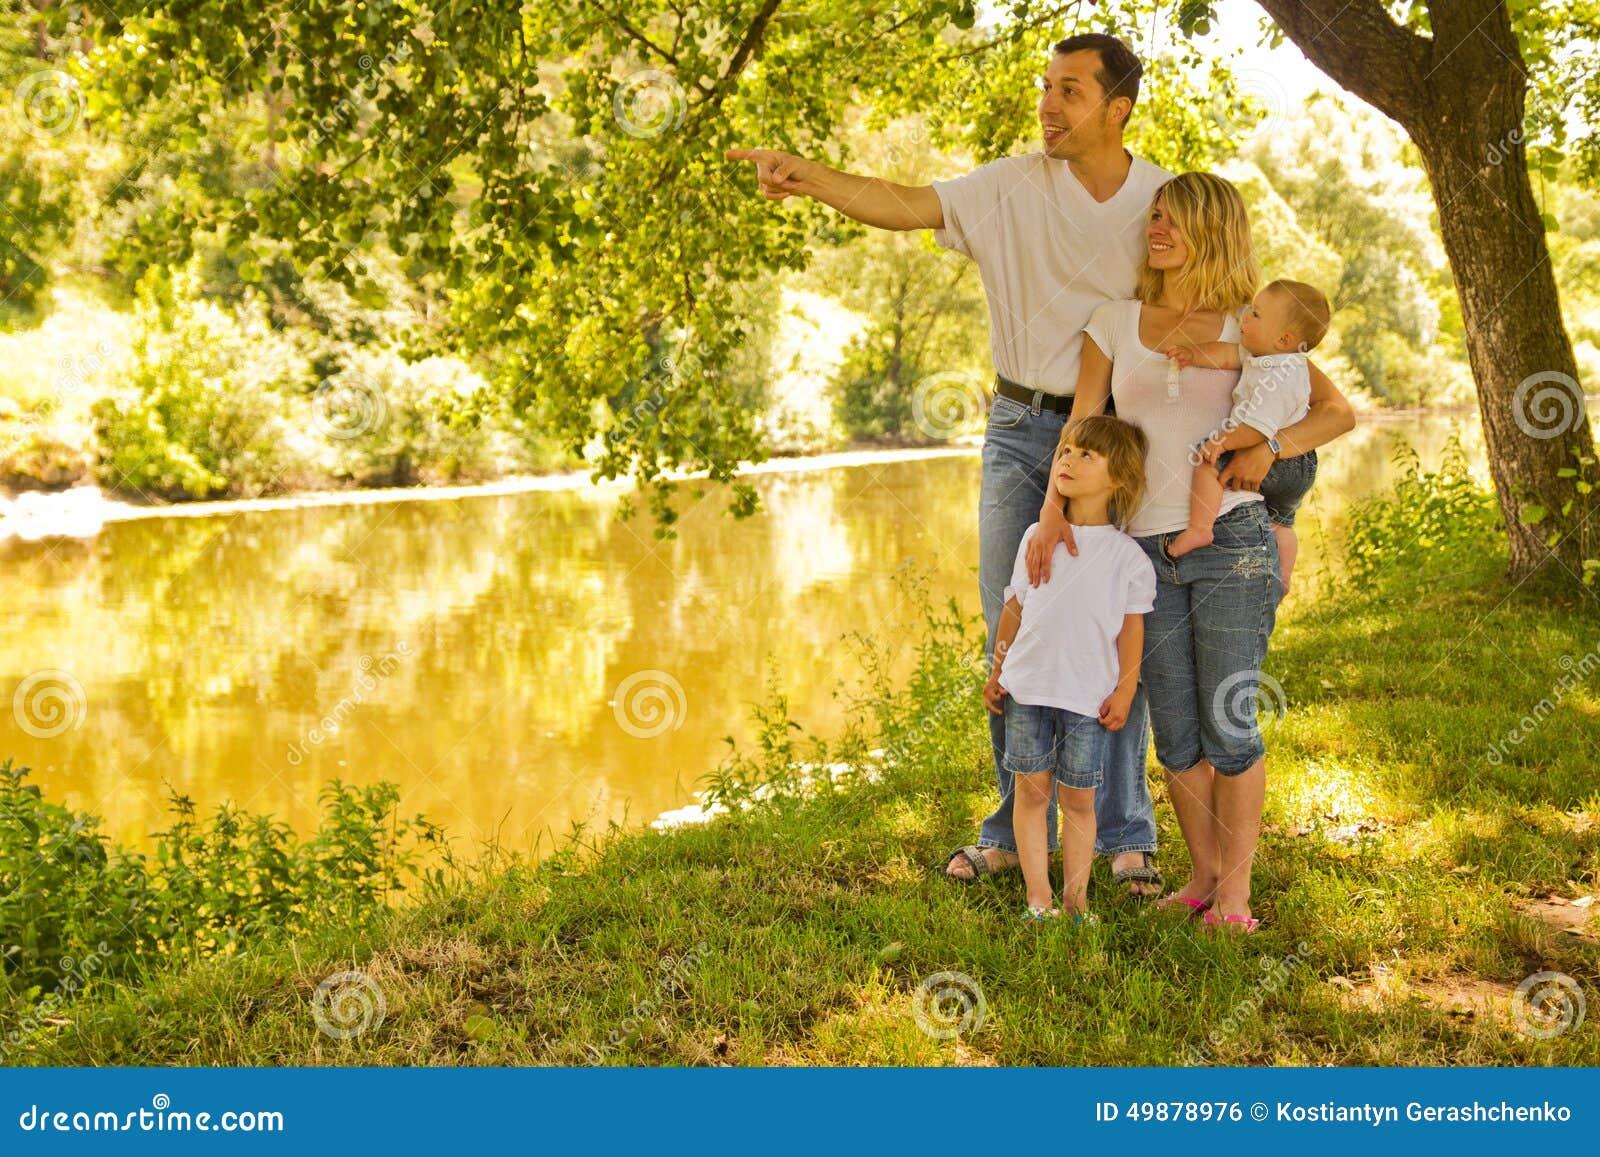 Картинки с семьей на природе